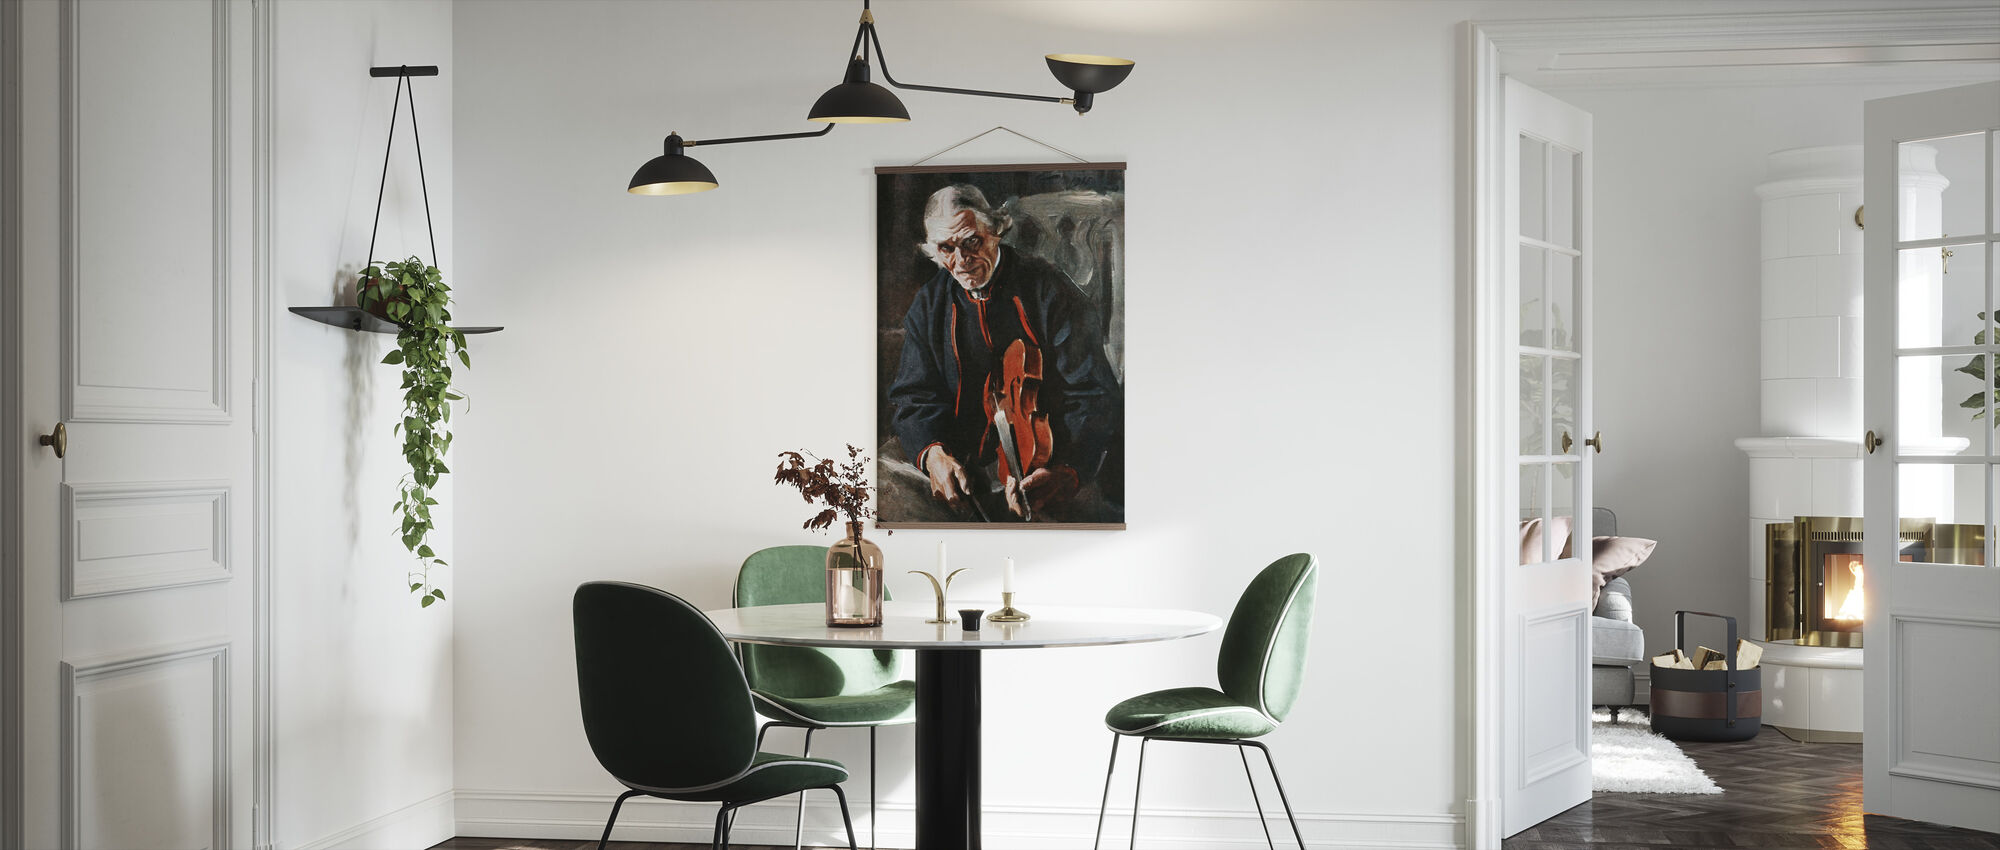 Fiolinspilleren, Anders Zorn - Plakat - Kjøkken